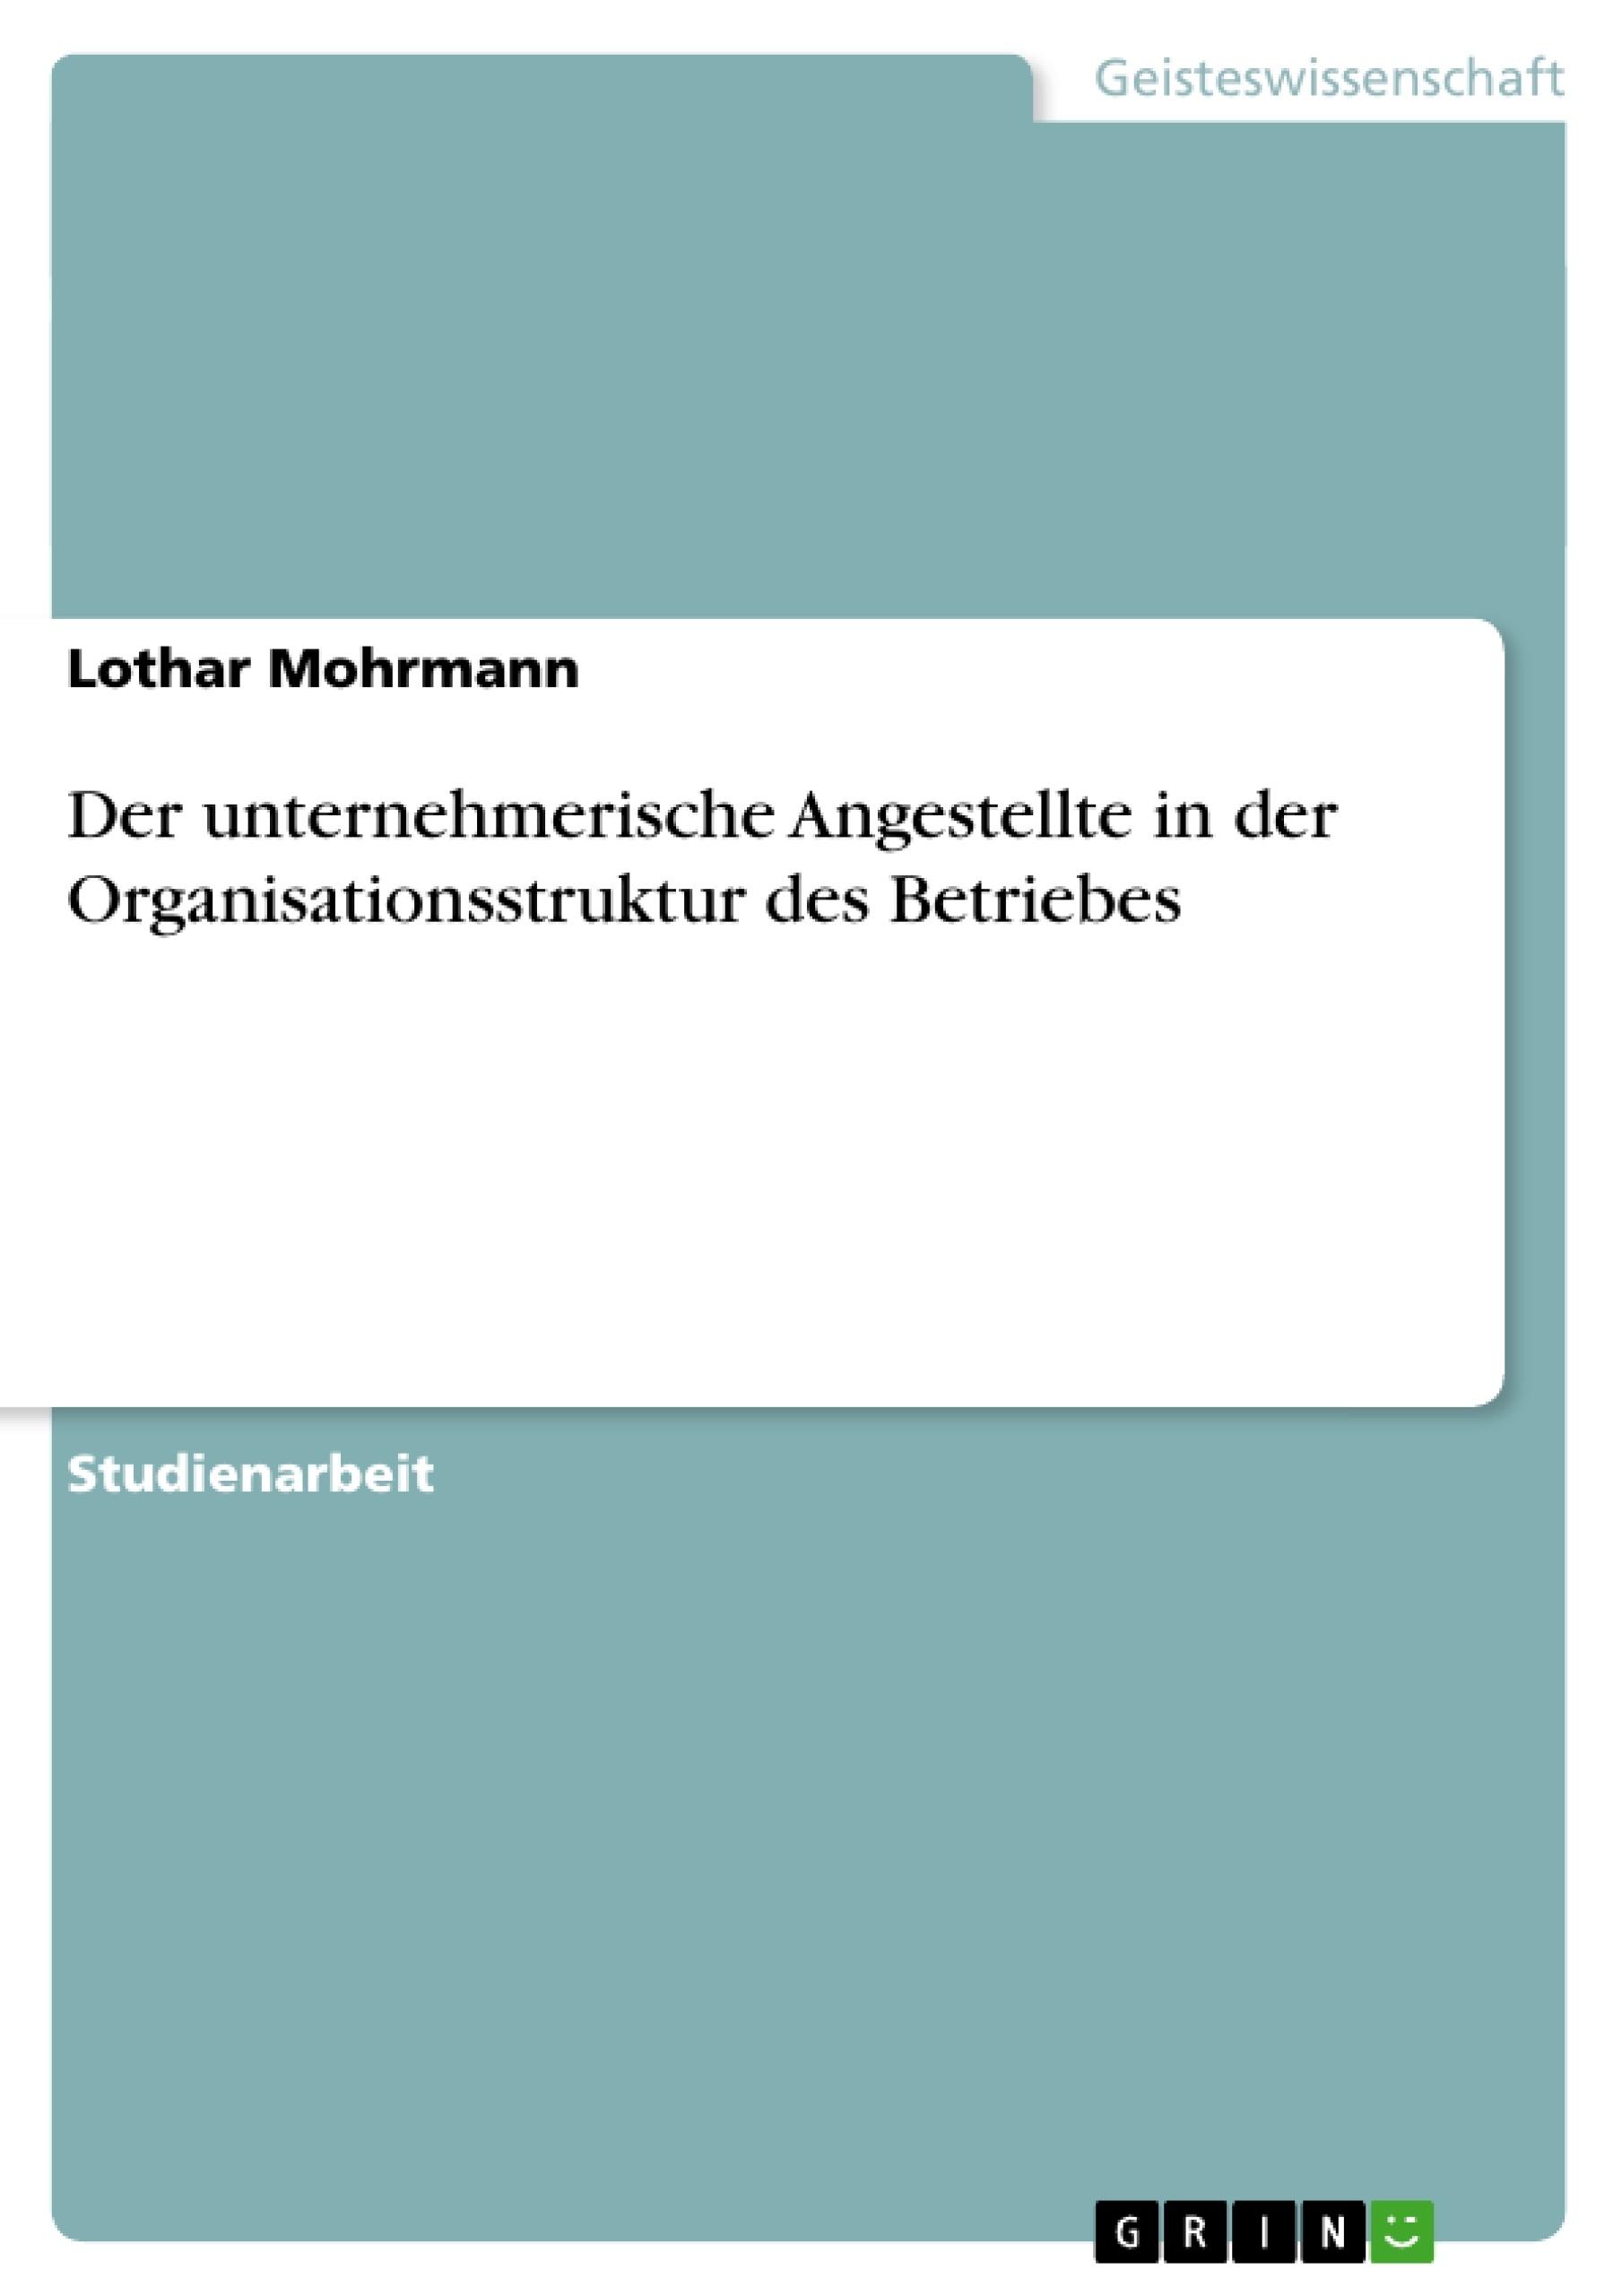 Titel: Der unternehmerische Angestellte  in der Organisationsstruktur des Betriebes